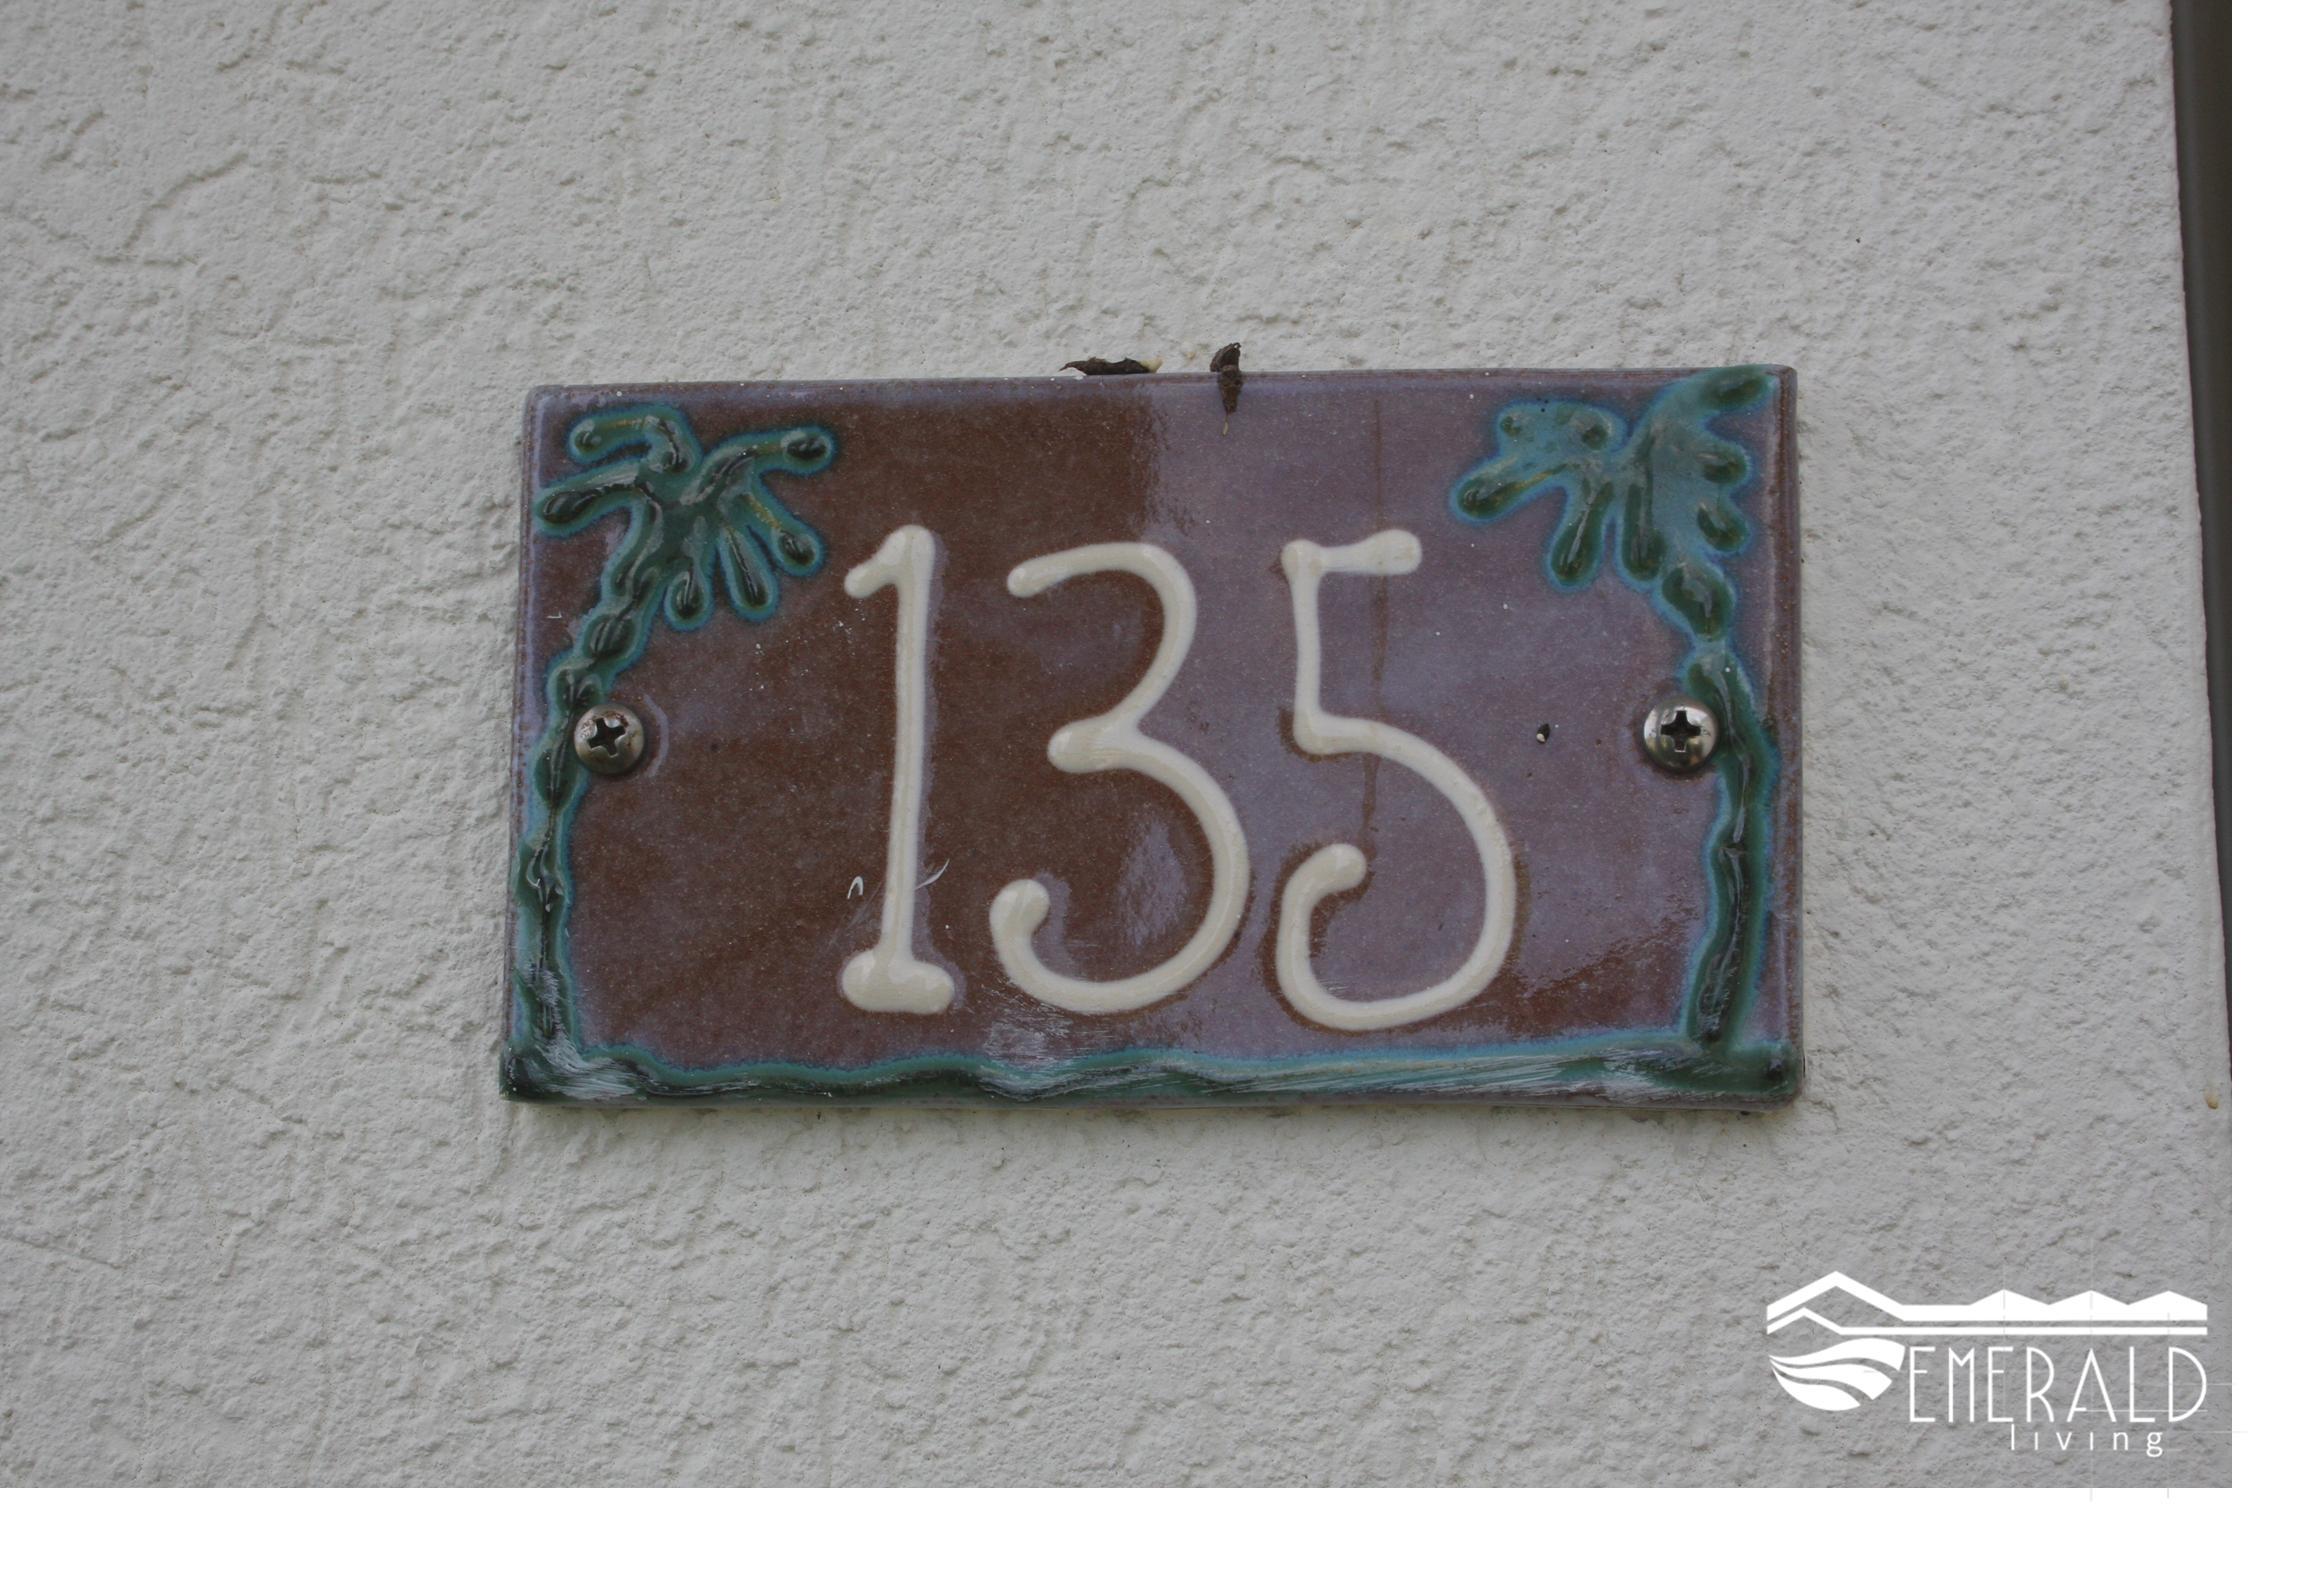 135 Vuemont